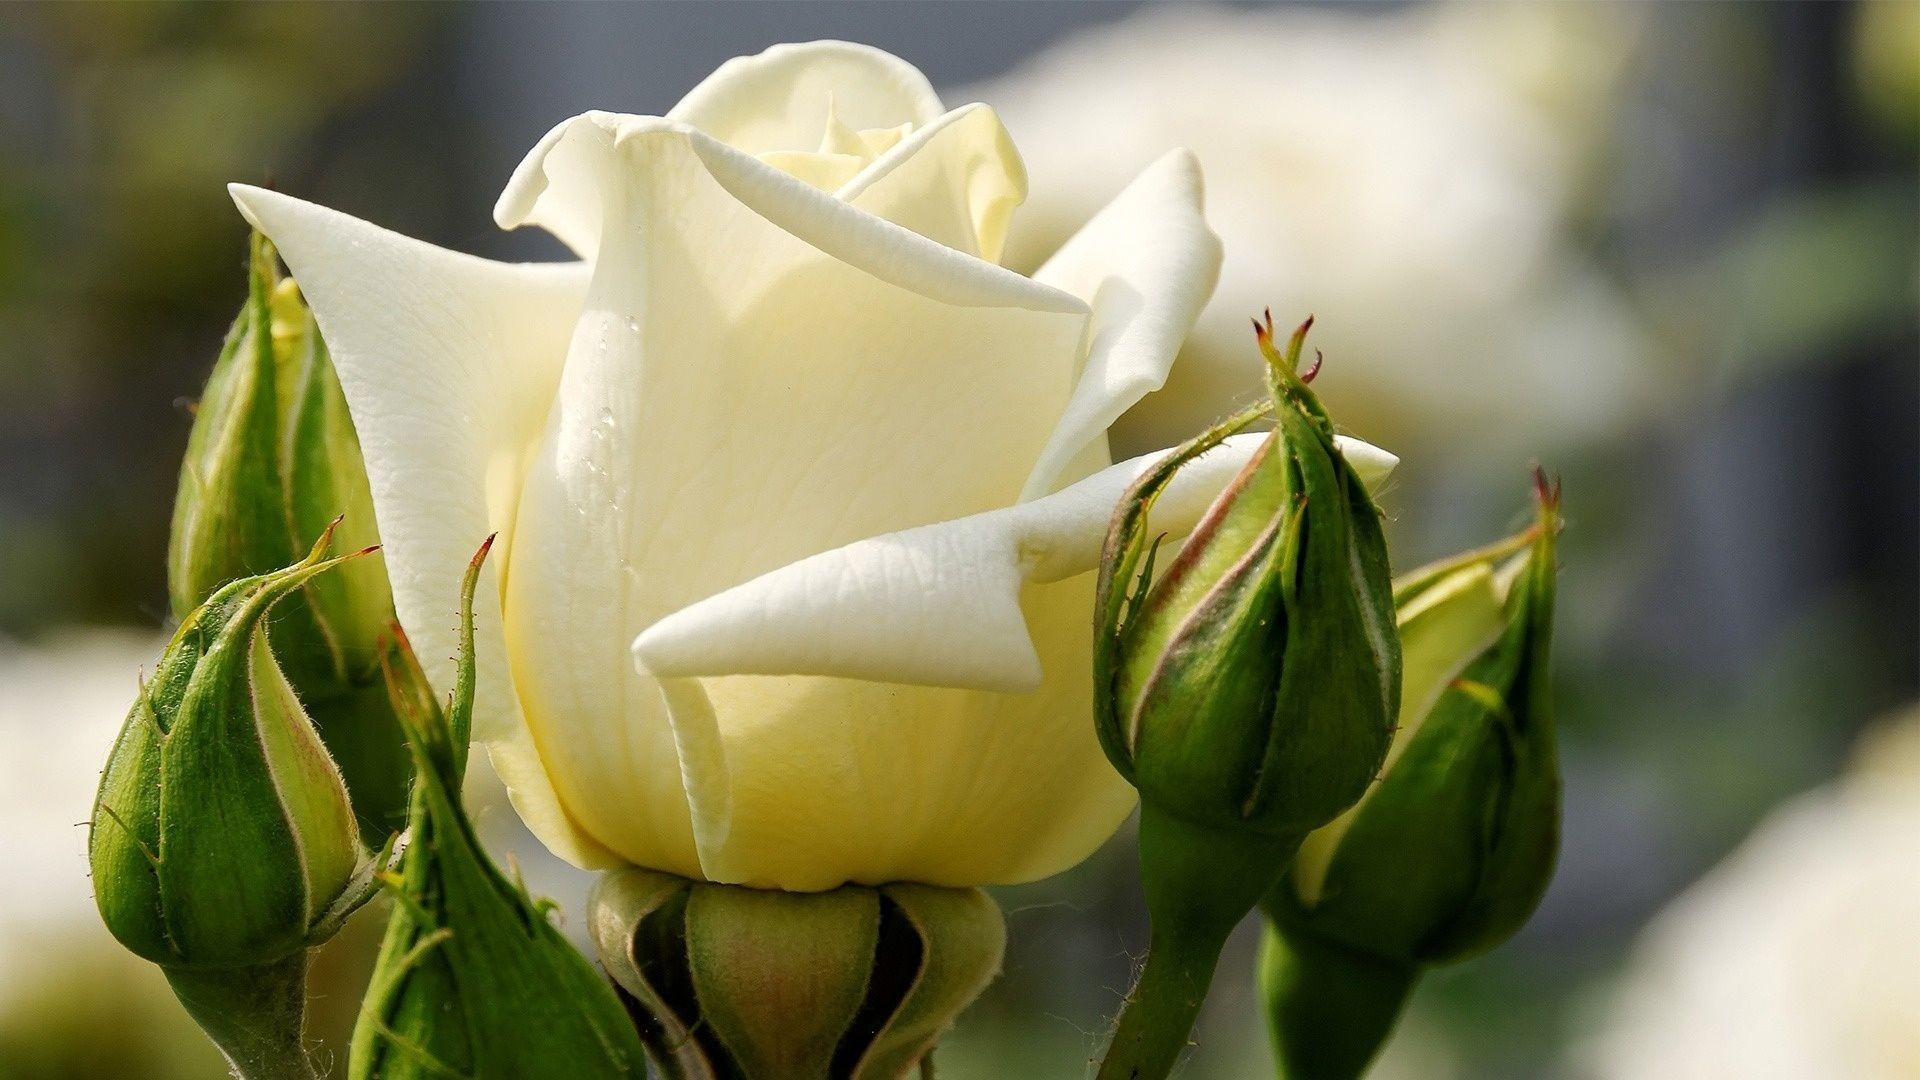 White Rose Google Search White Rose Flower White Roses Flowers